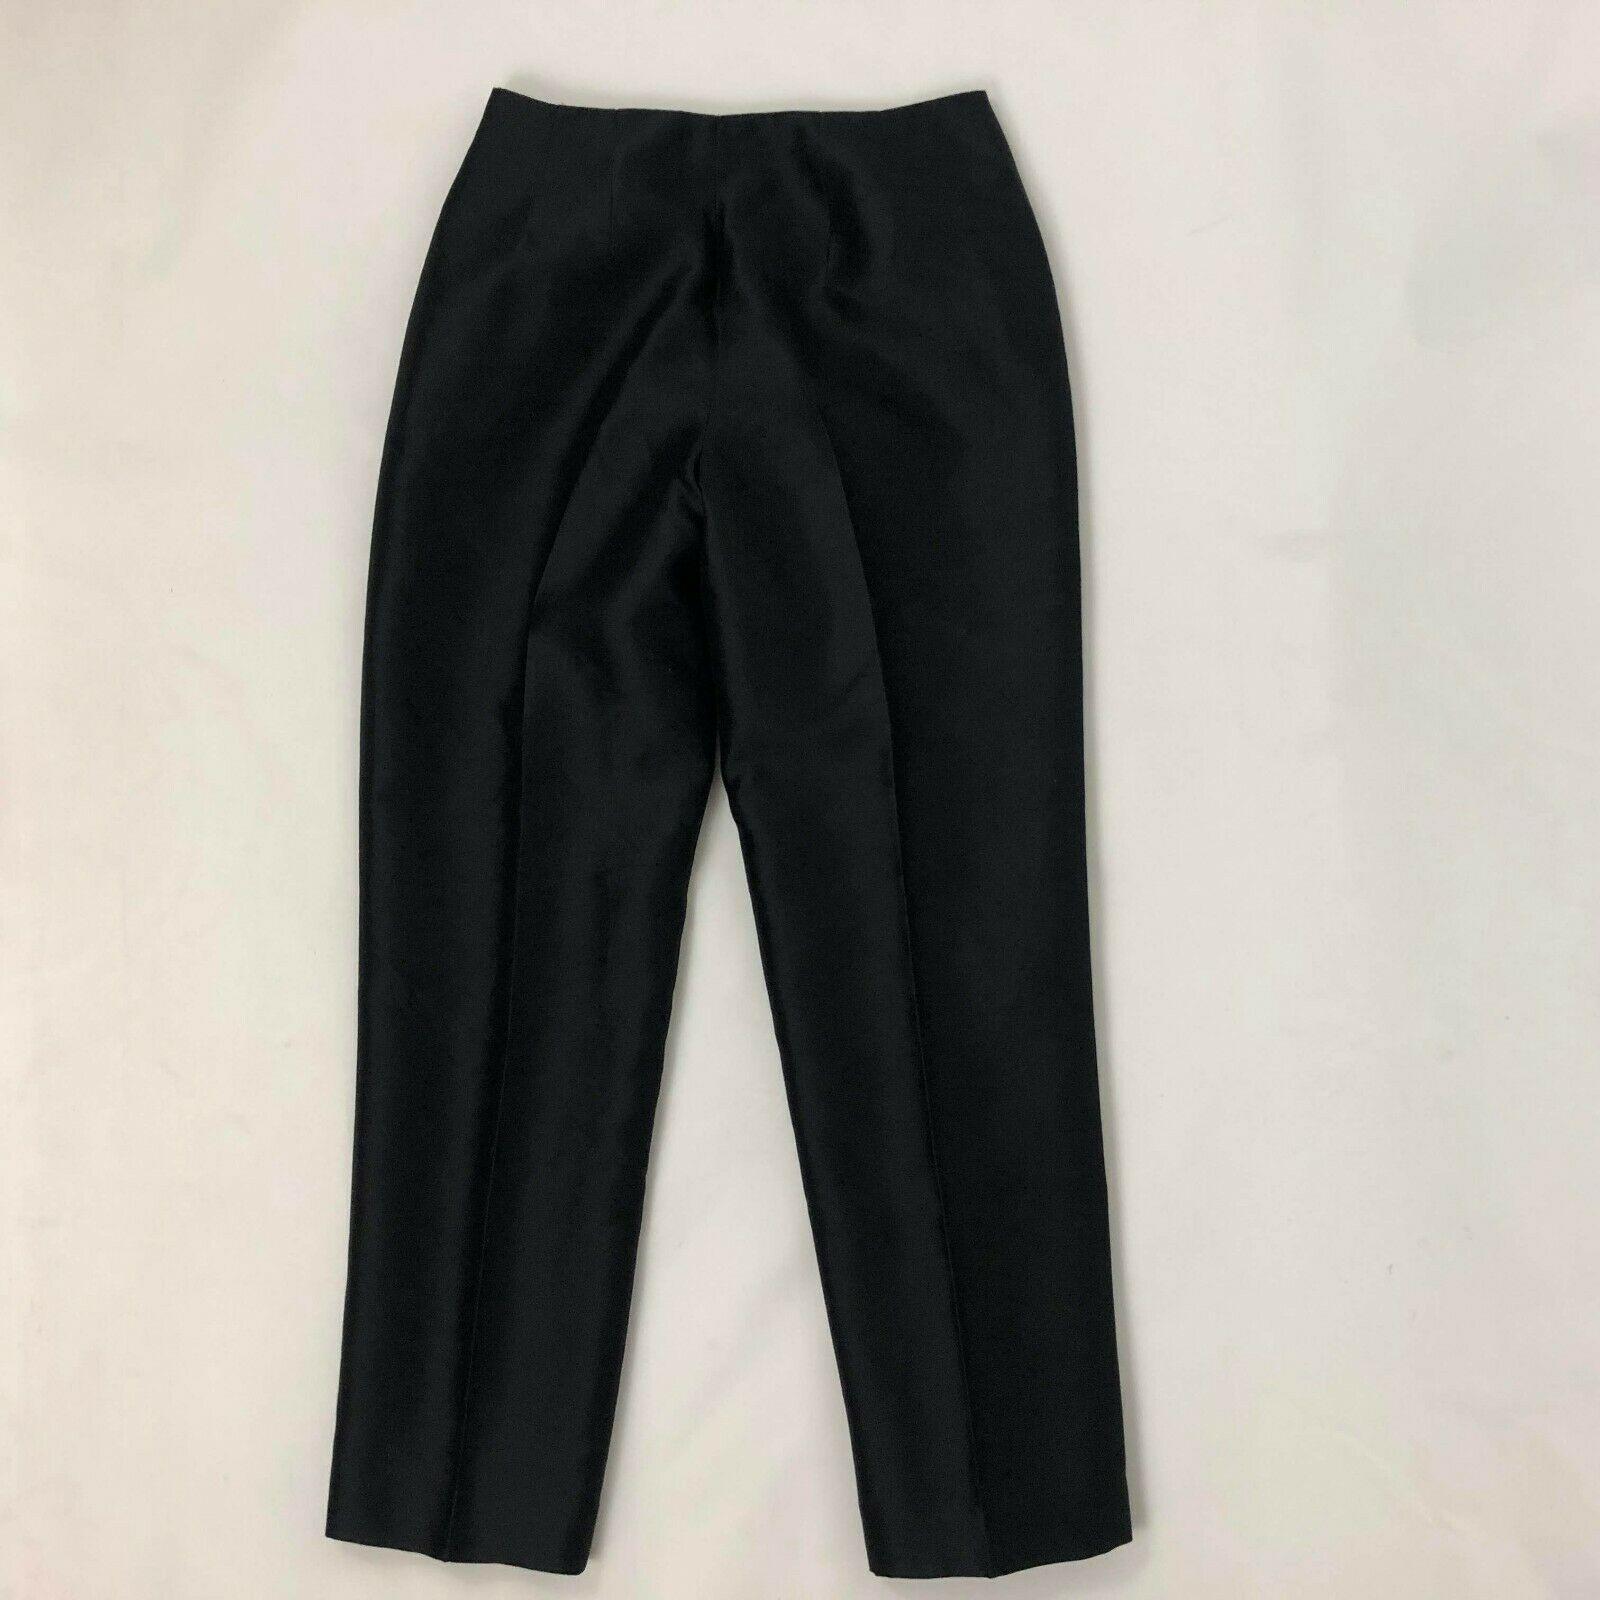 Talbots Sz 6 6P Petite Black Pure Silk Slacks Dress Pants Trousers Women's